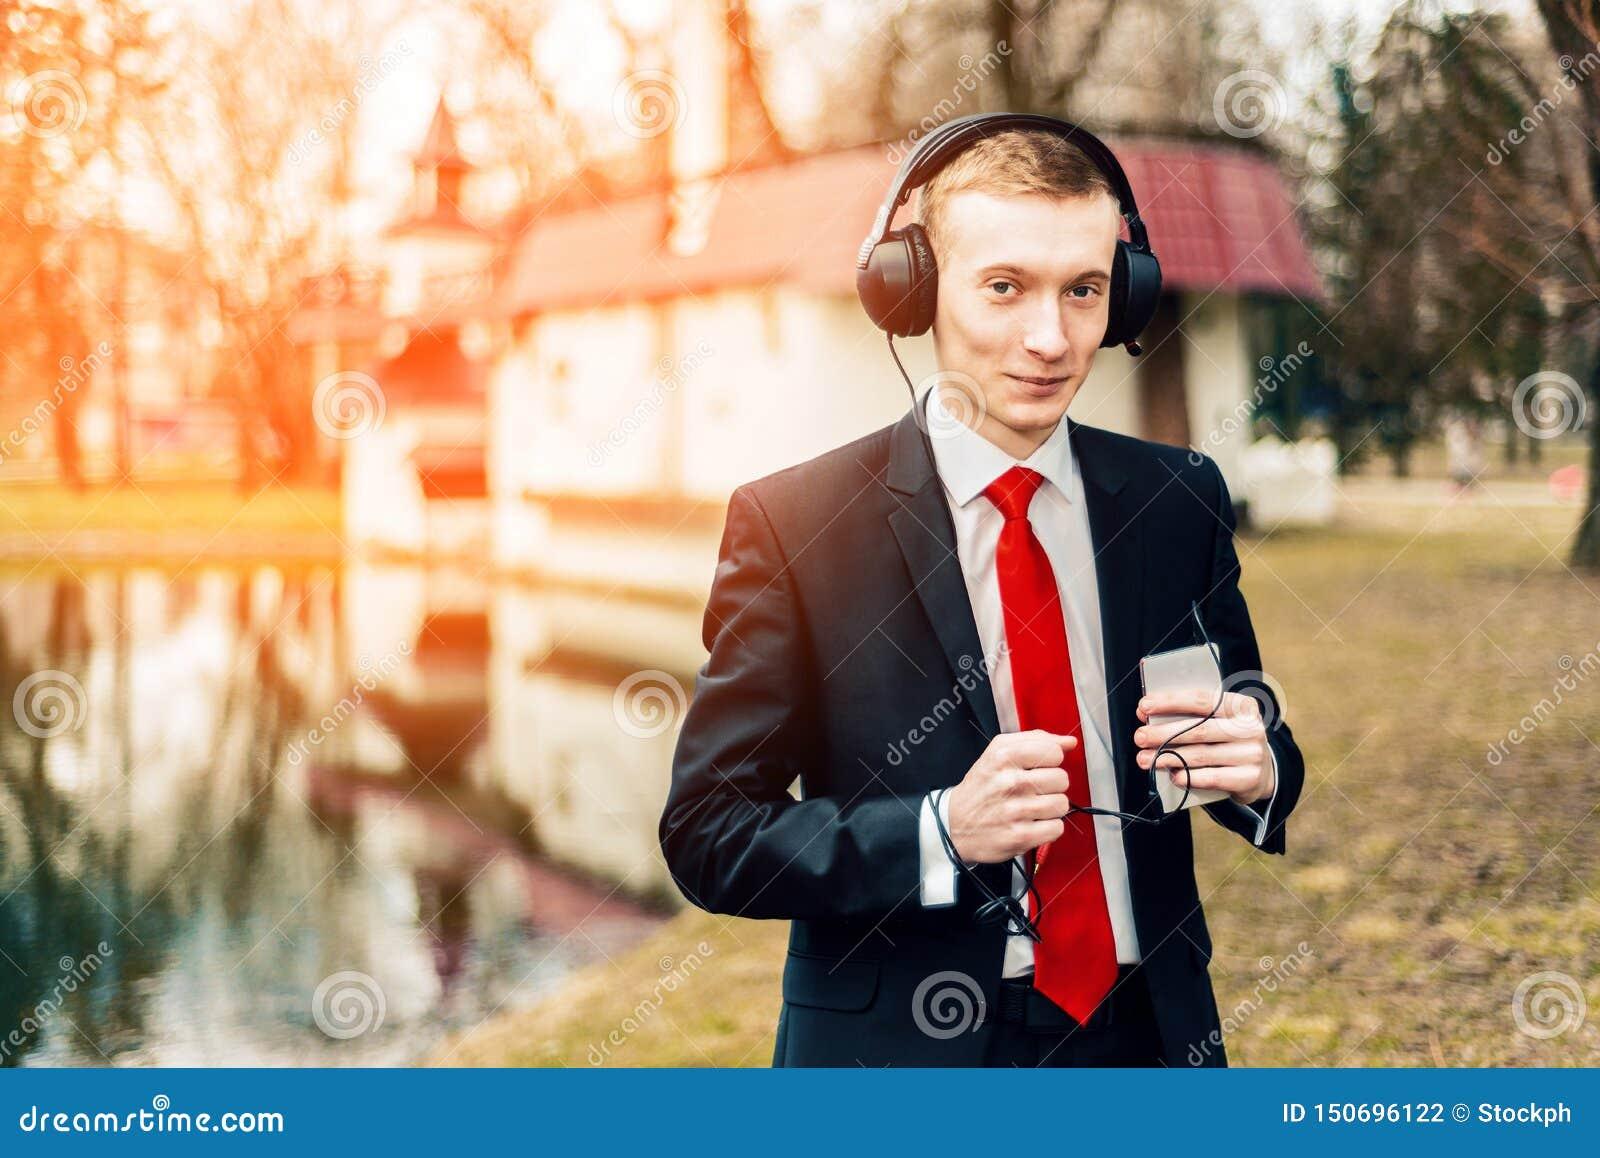 Śmieszny młody facet słucha muzyka z dużymi hełmofonami mężczyzna w czarnym kostiumu czerwonym krawacie i biznesmen odpoczywa, re